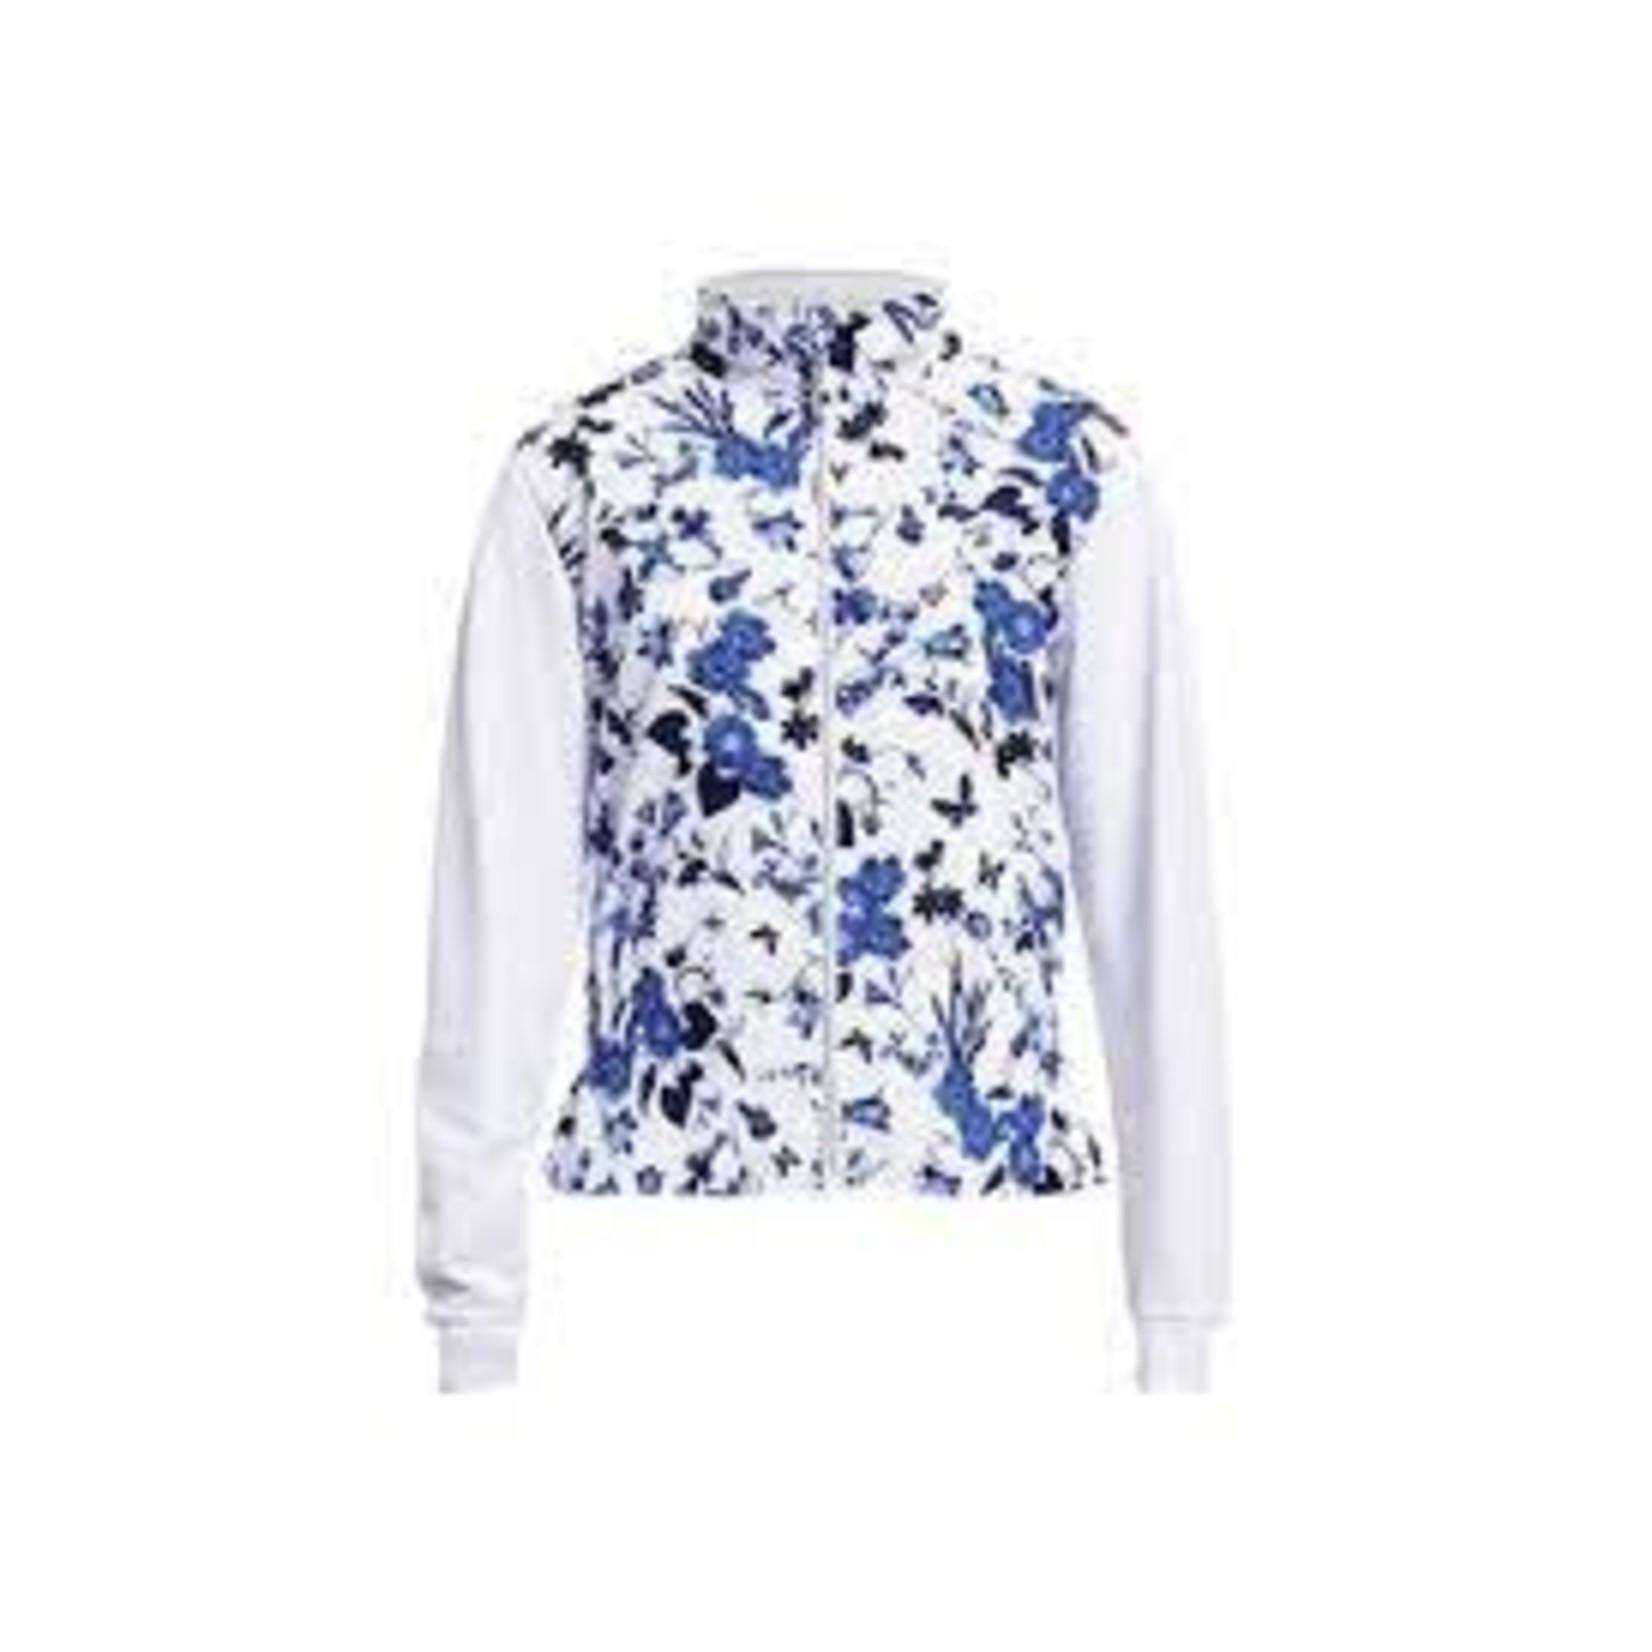 Rohnisch Rohnisch Cee Jacket - White Blue